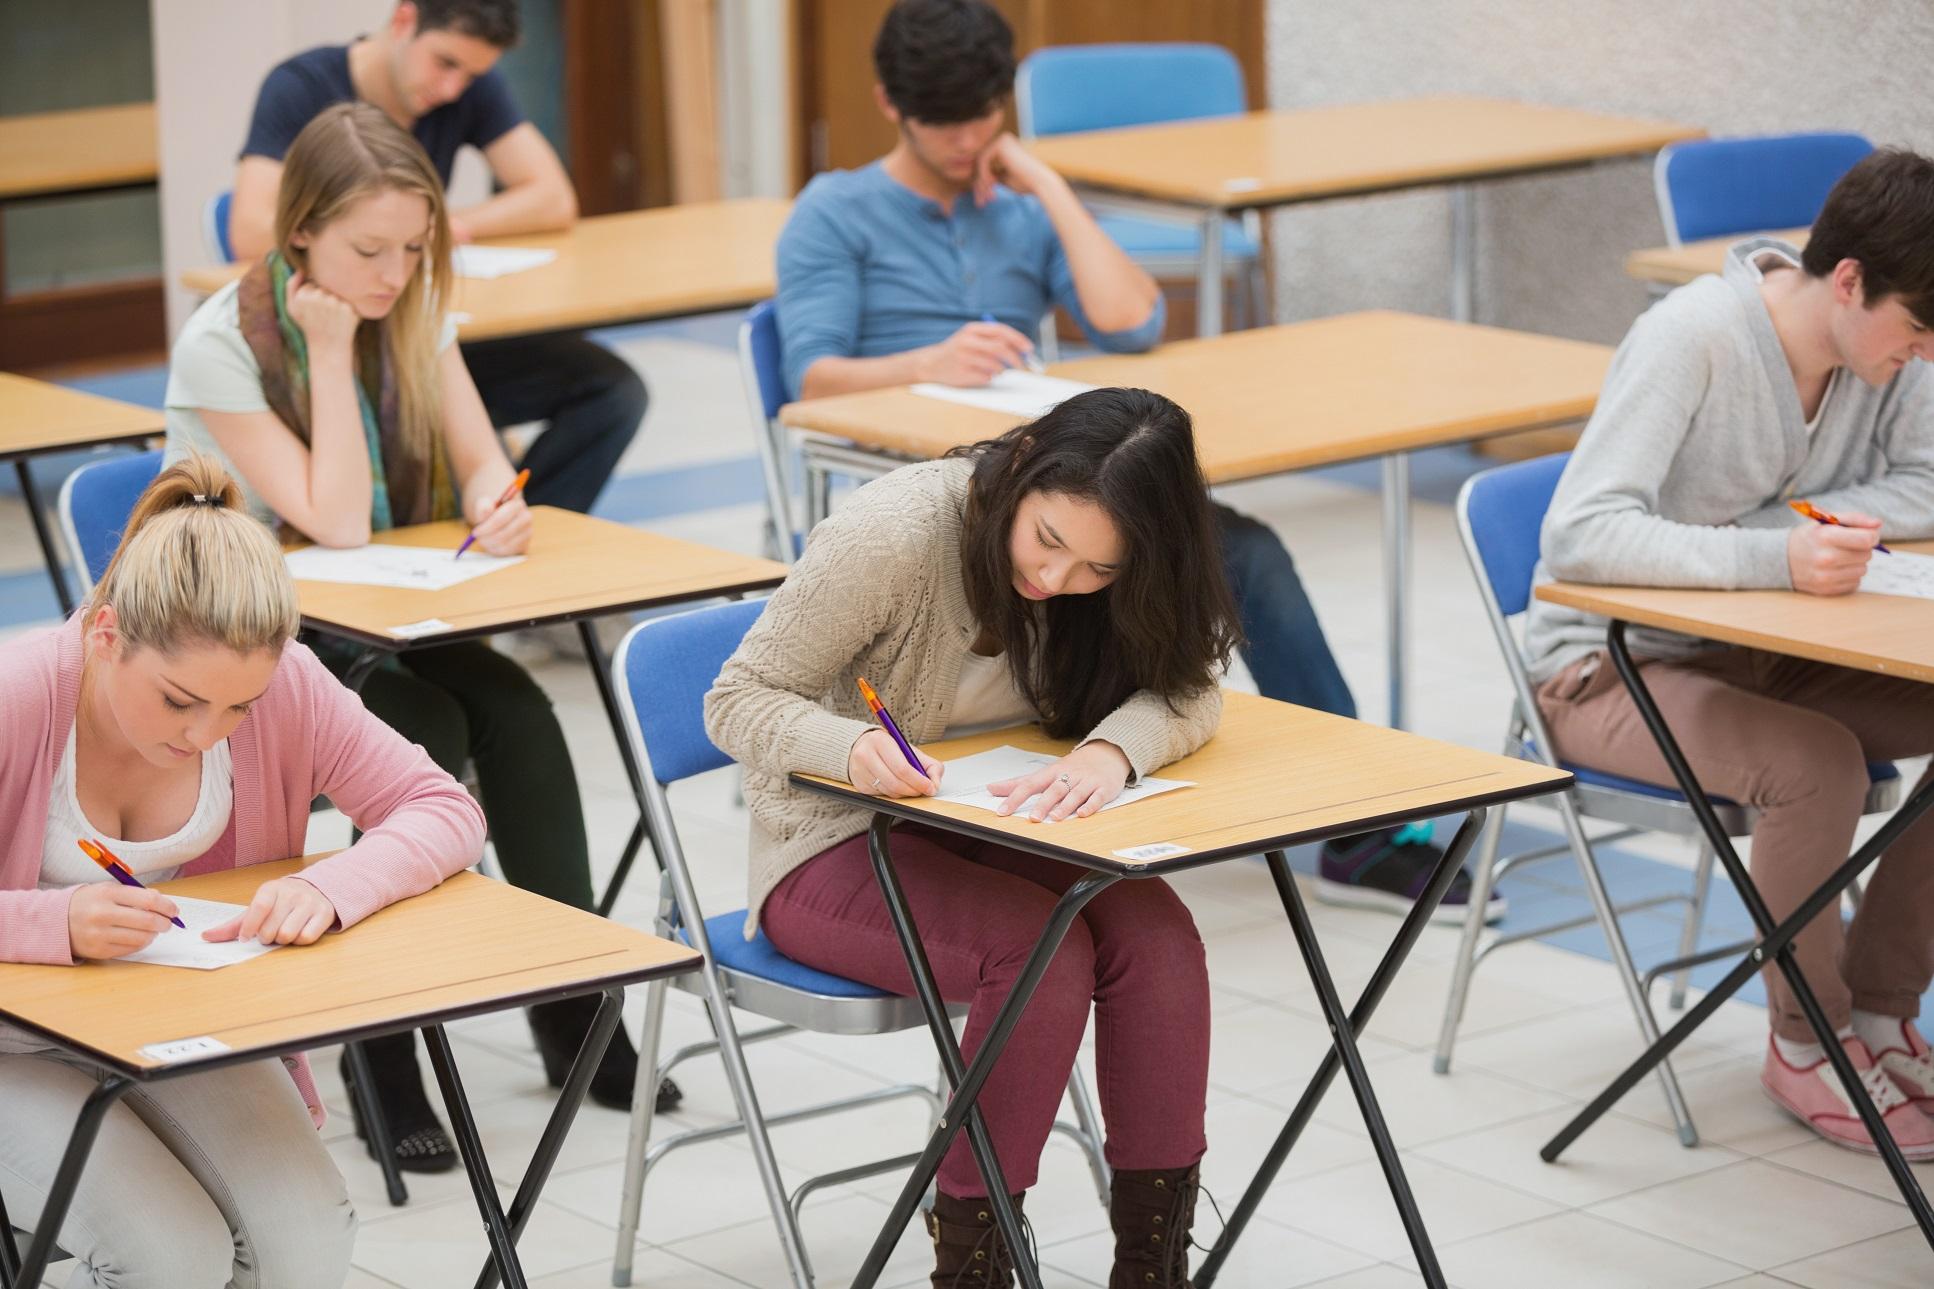 Студентки на экзамене онлайн 22 фотография